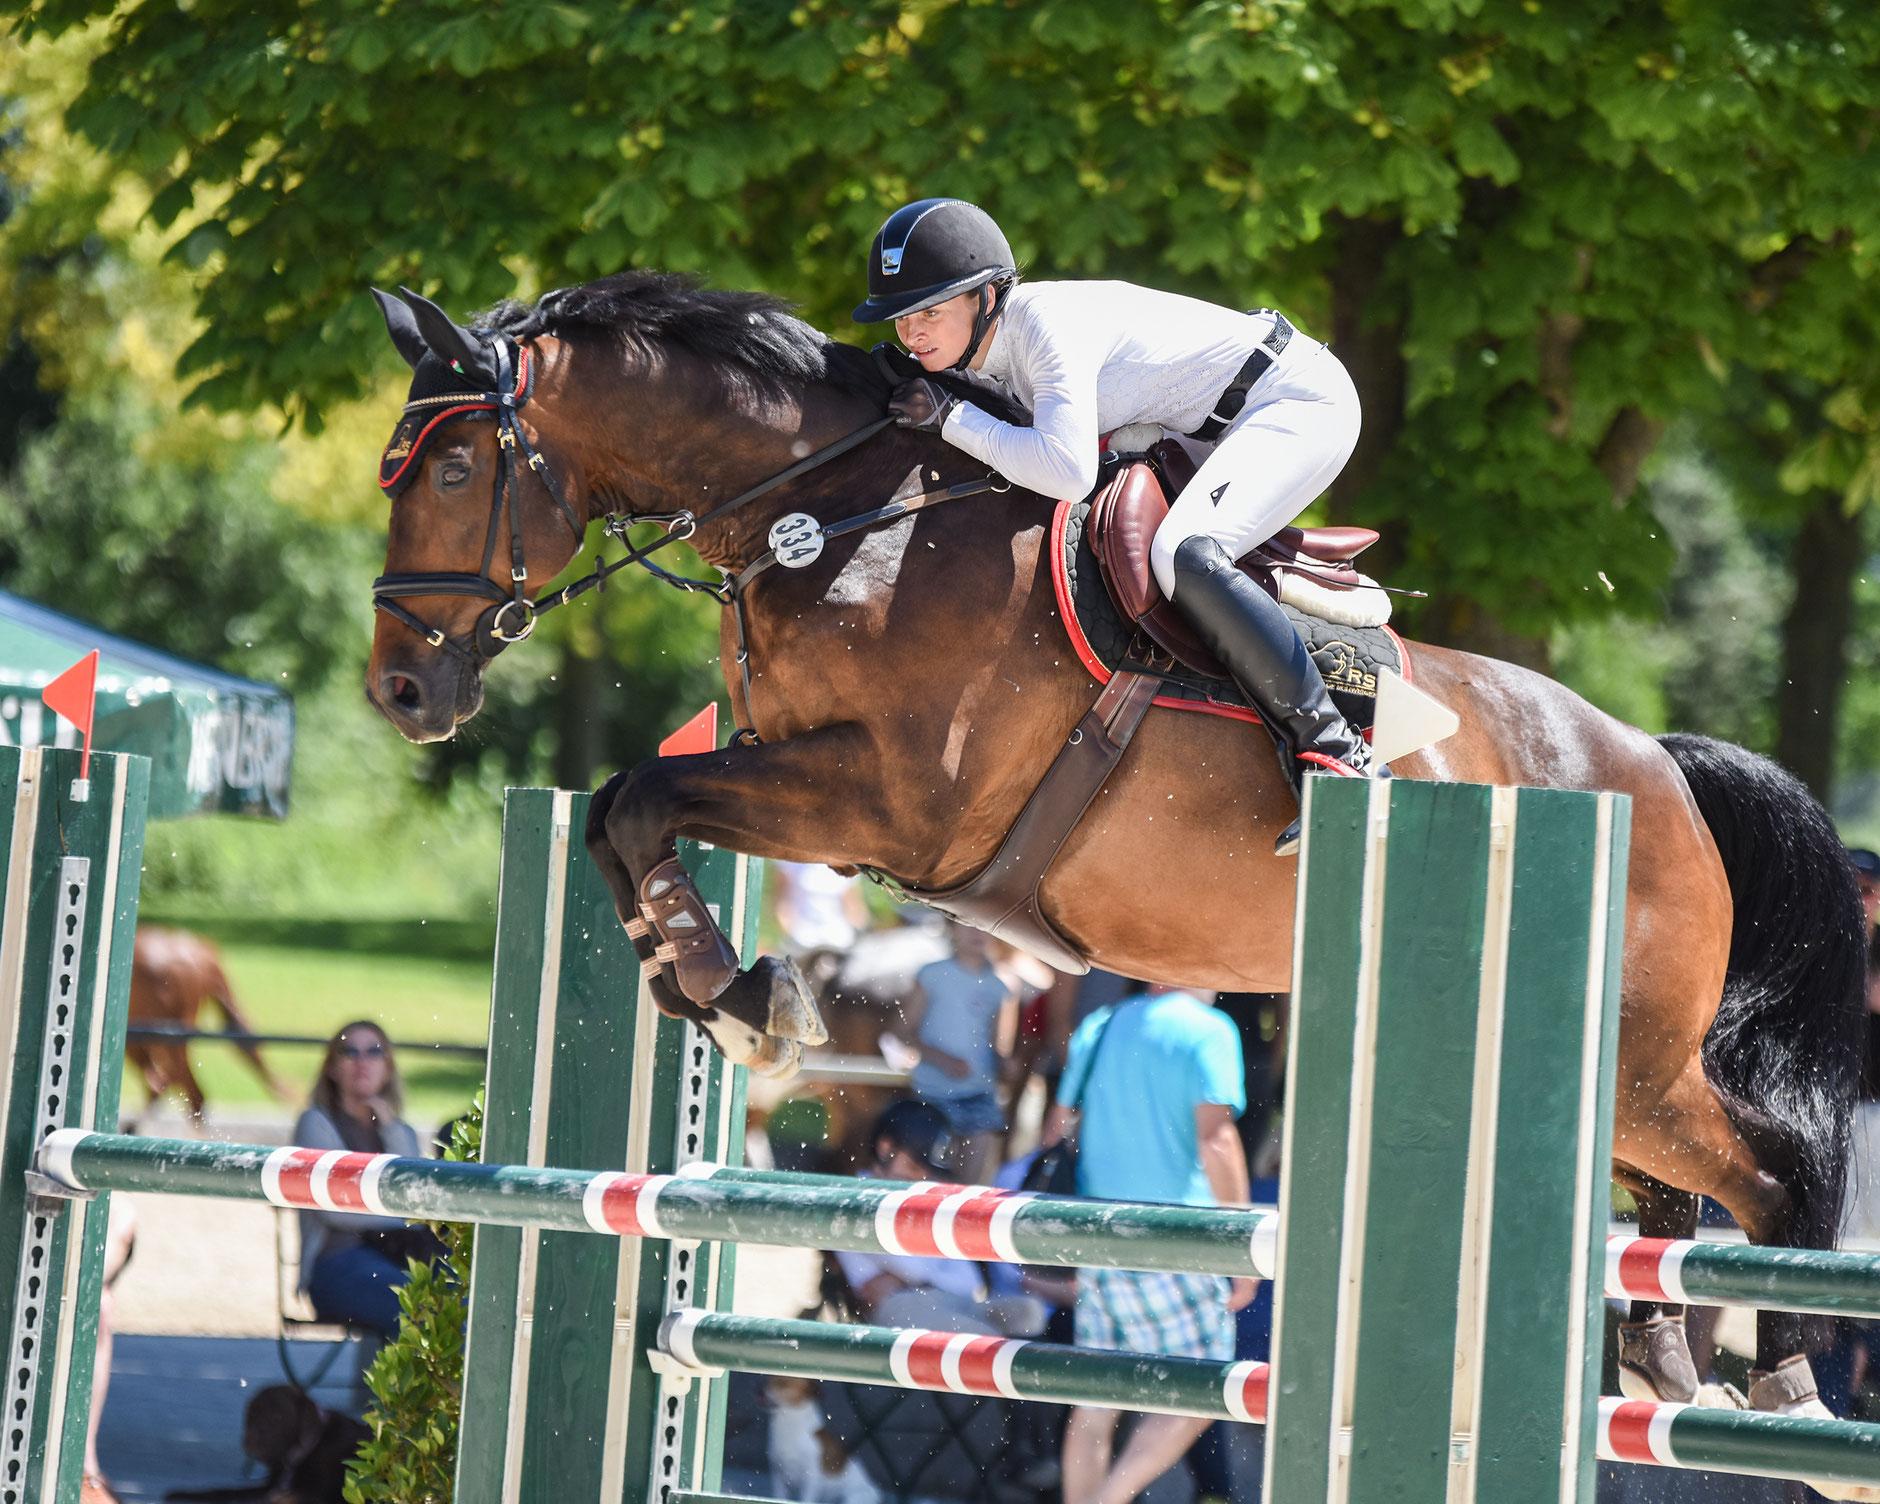 Kirsten Schweiger springt mit dunkelbraunem Pferd über grünen Sprung